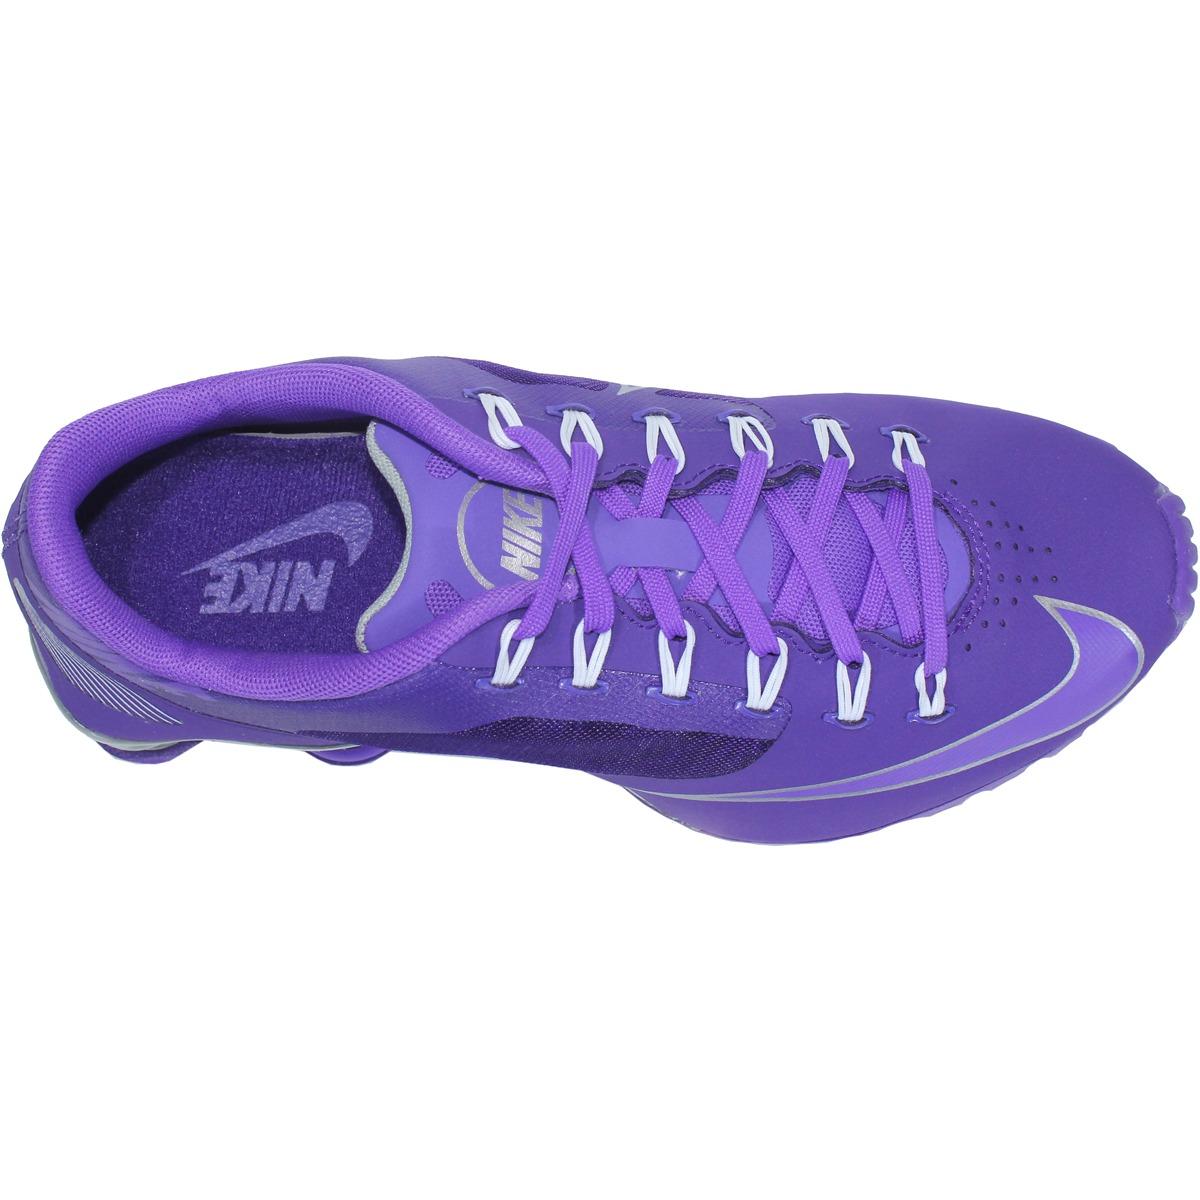 Nike Shox R4 Purple